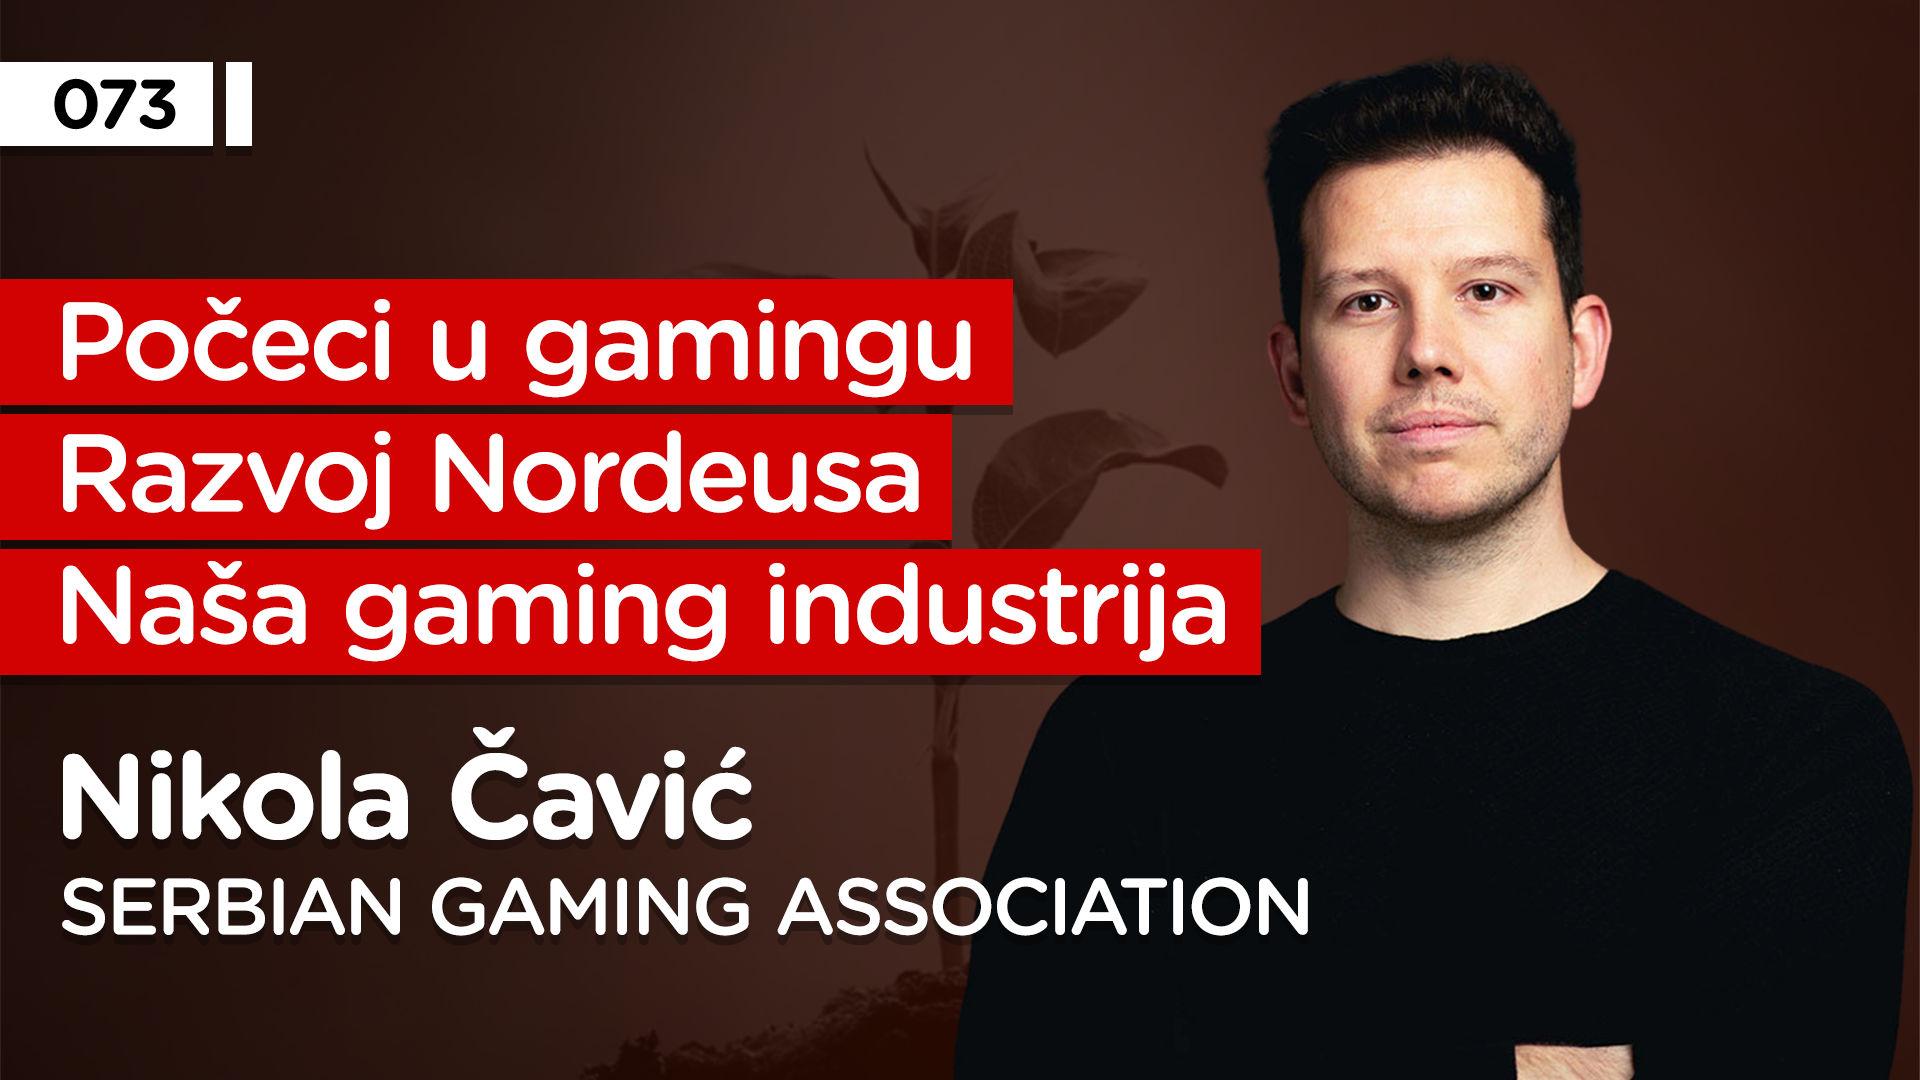 EP073: Nikola Čavić